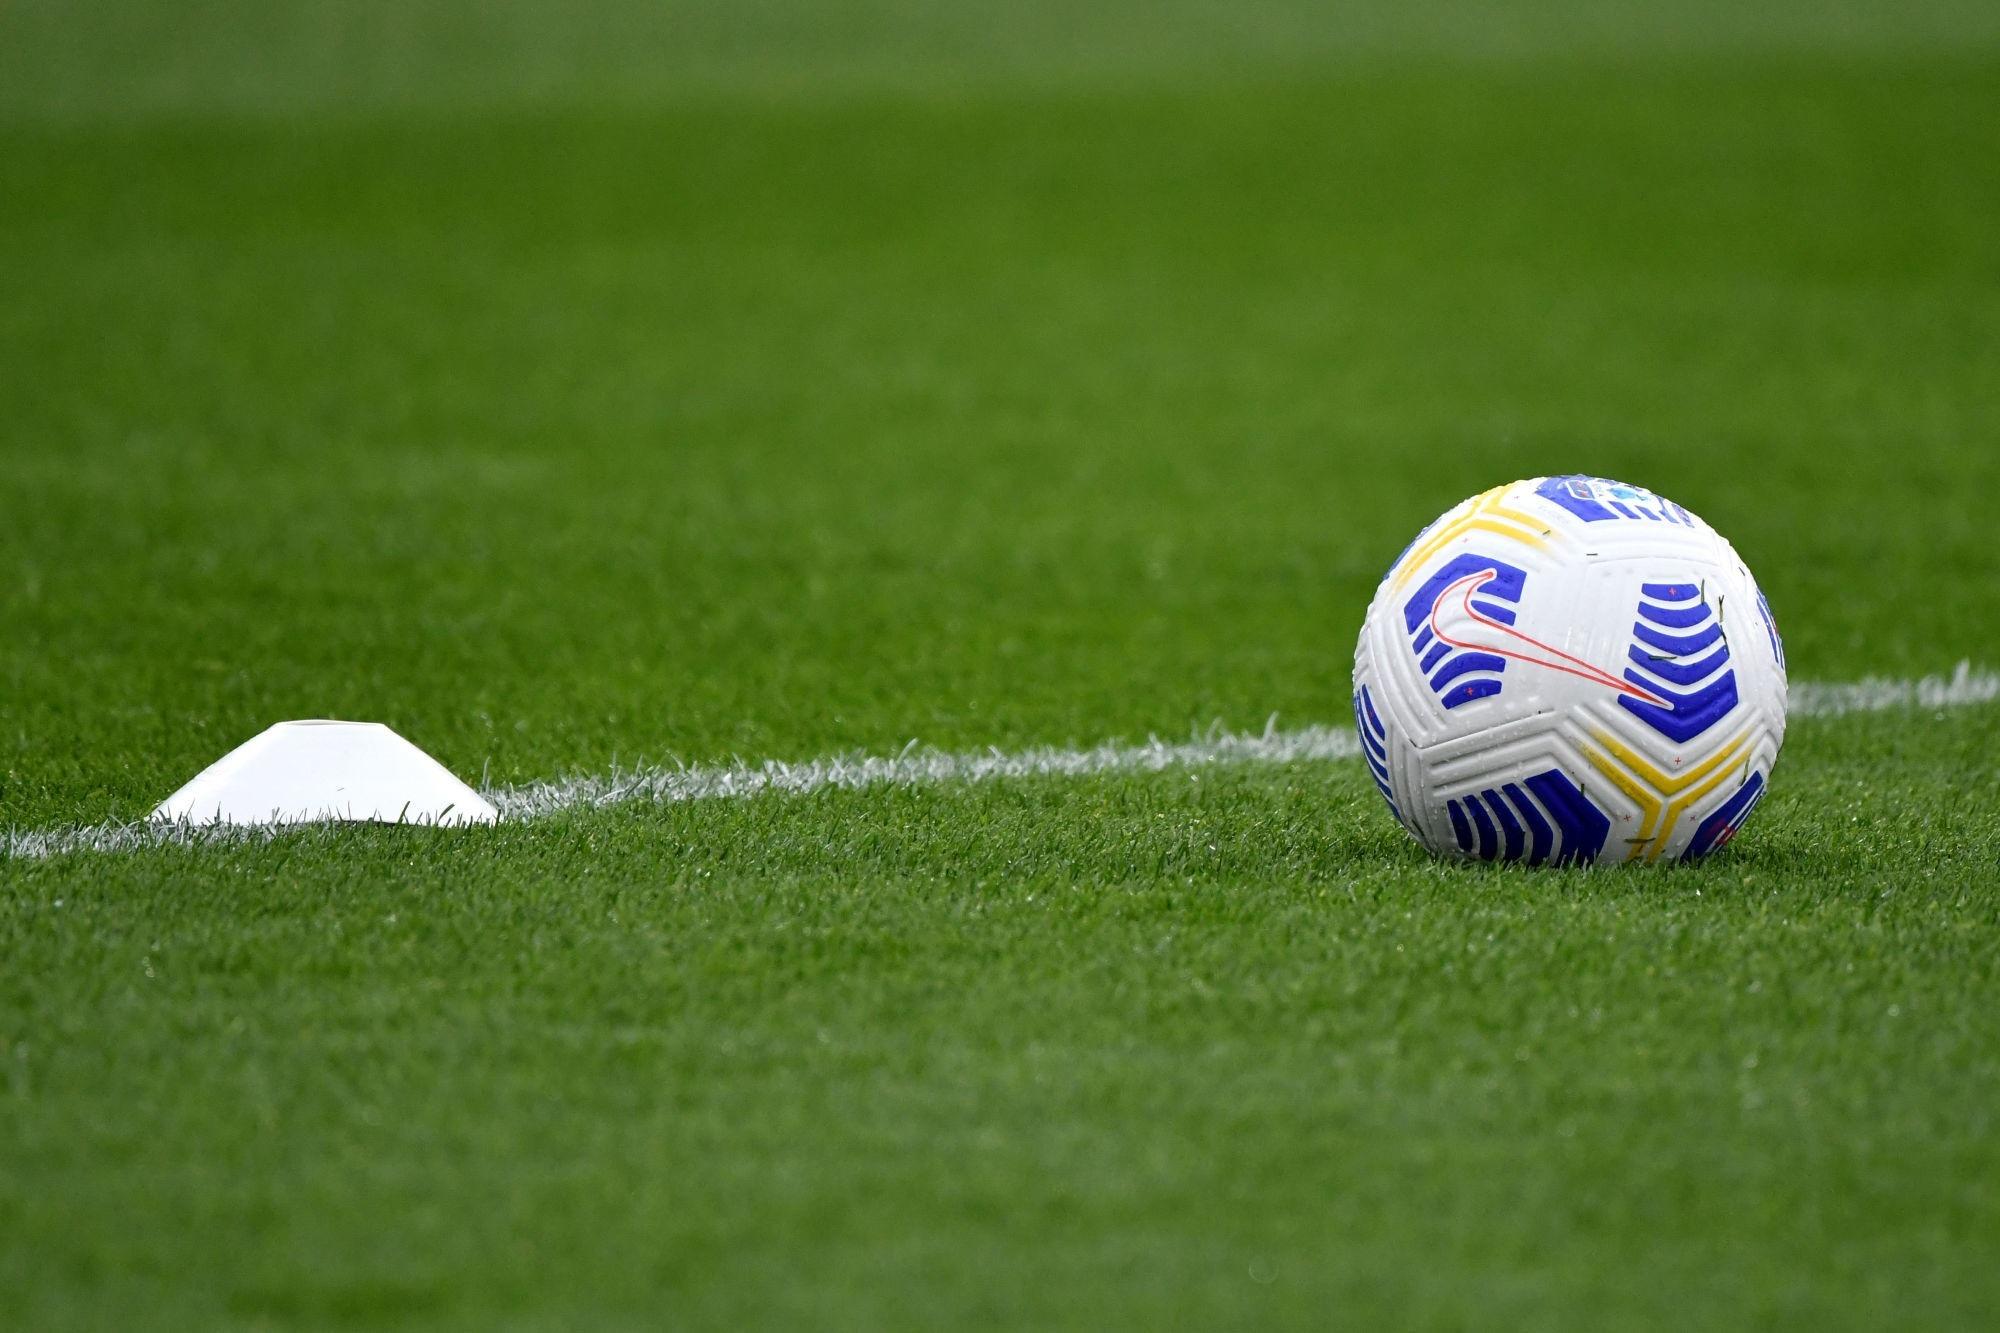 La Super League est suspendue, retour sur une soirée décisive